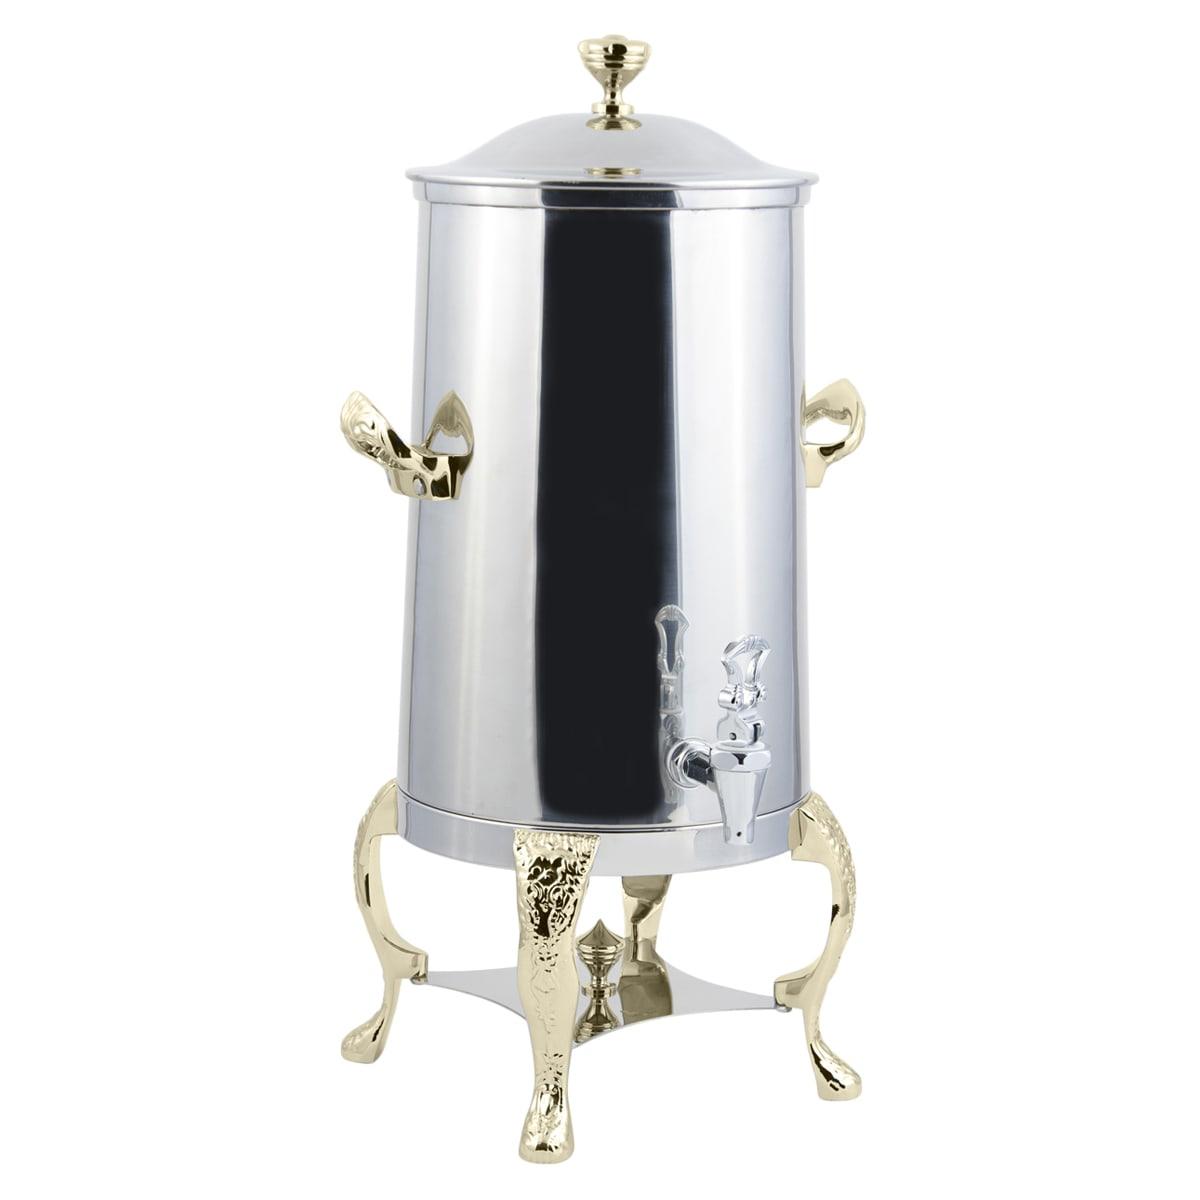 Bon Chef 47001 1.5 Gallon Insulated Coffee Urn Server